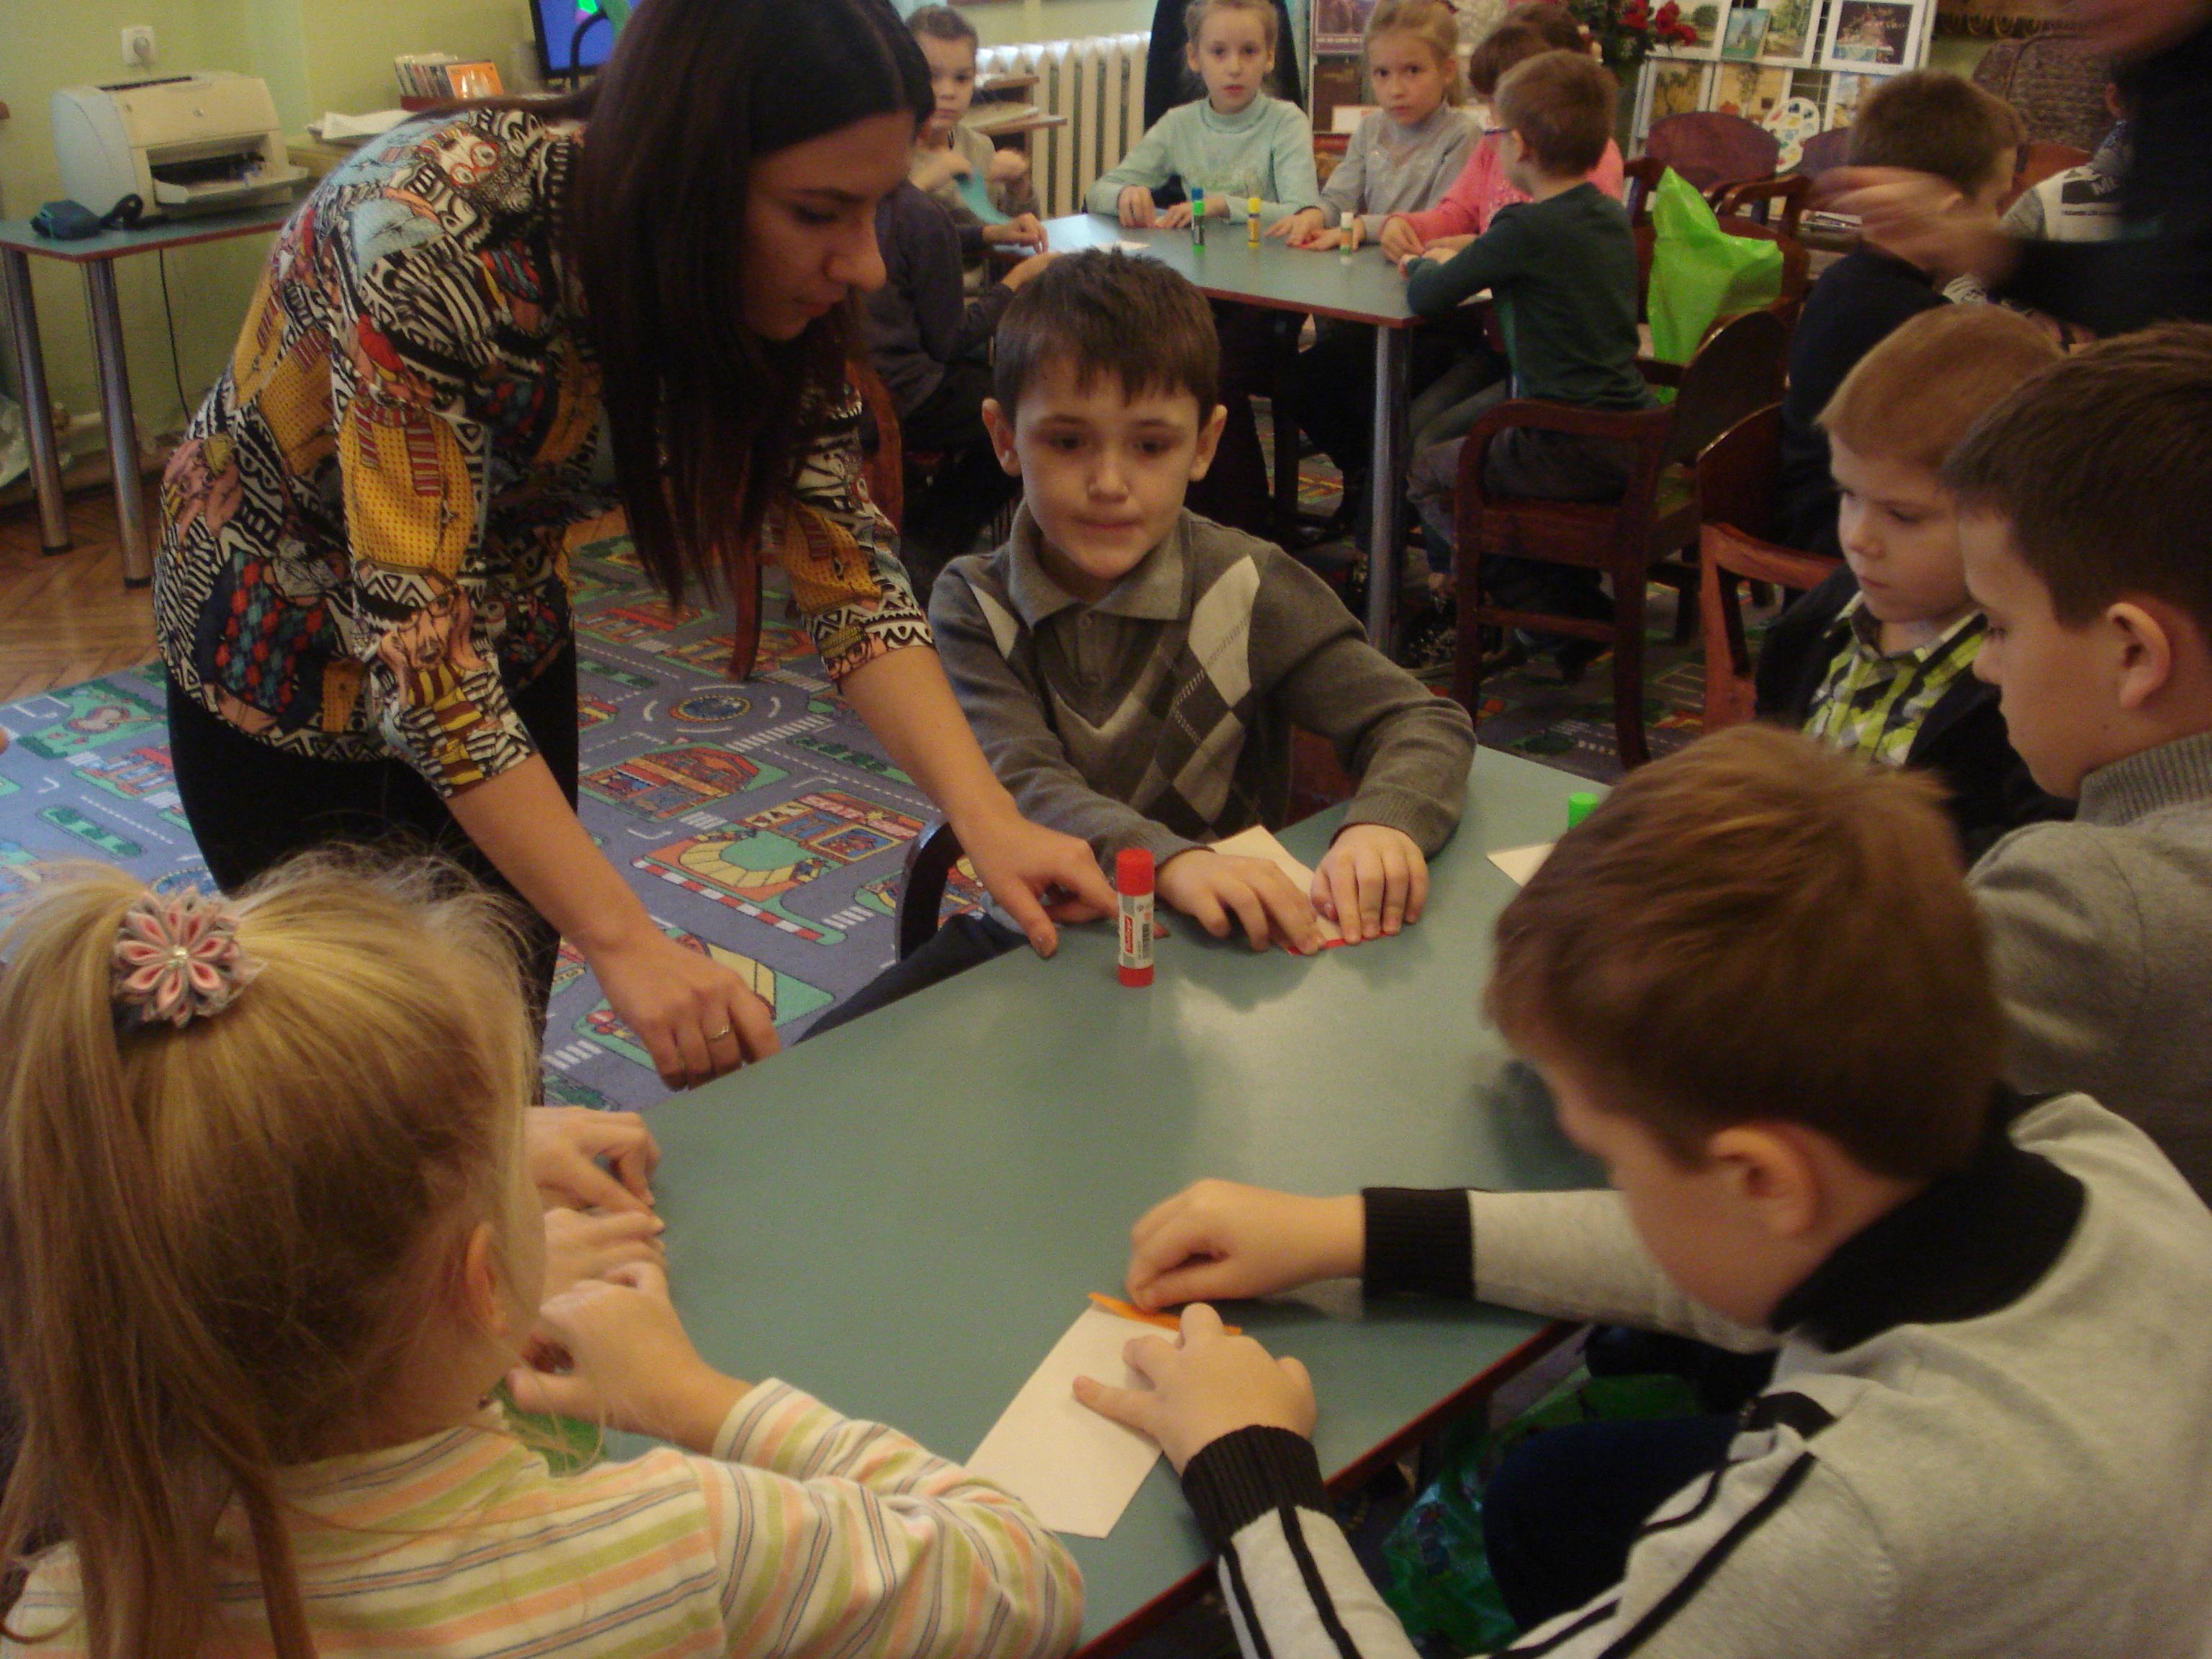 донецкая республиканская библиотека для детей, береги книгу, занятия с детьми, школа №14, происхождение письменности, обращение с книгой